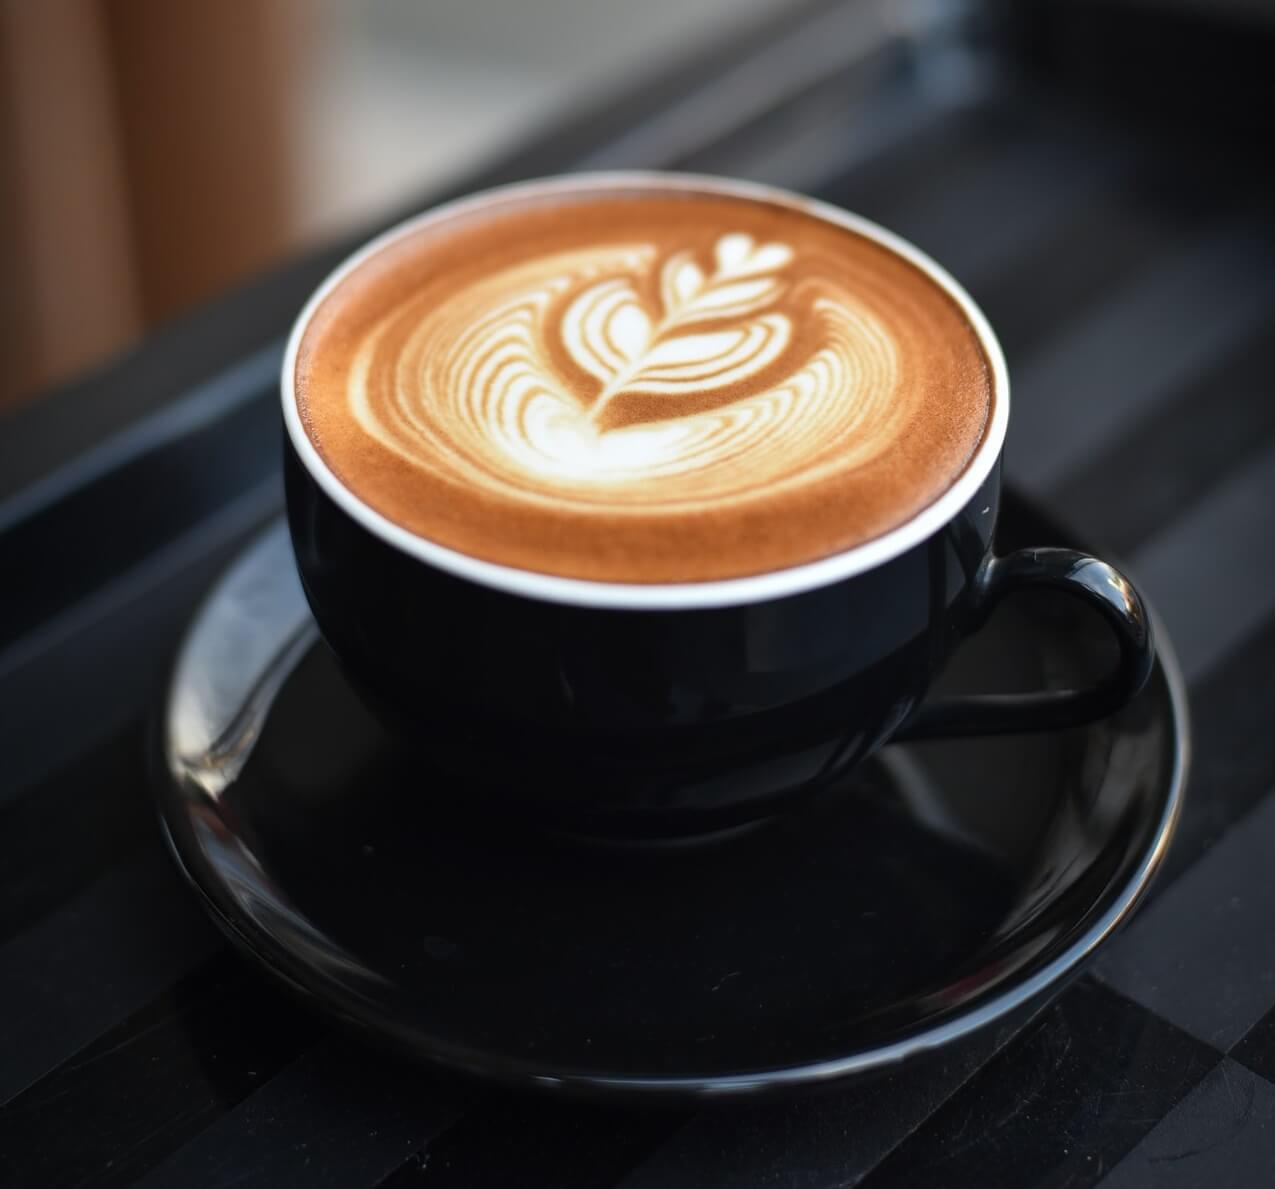 Cut down on caffeine